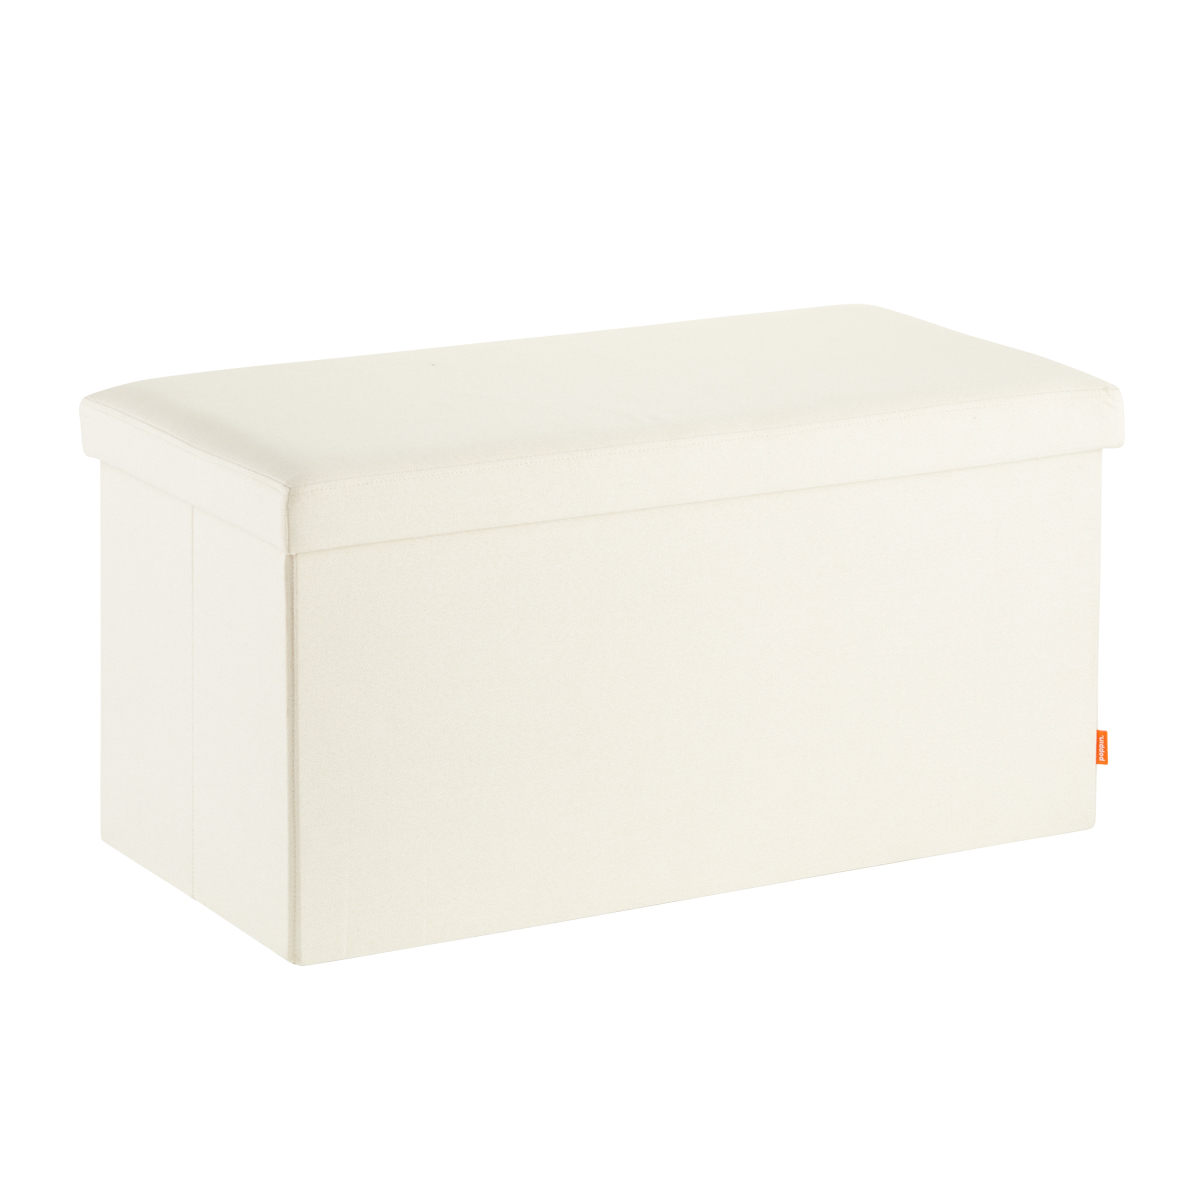 Box Bench